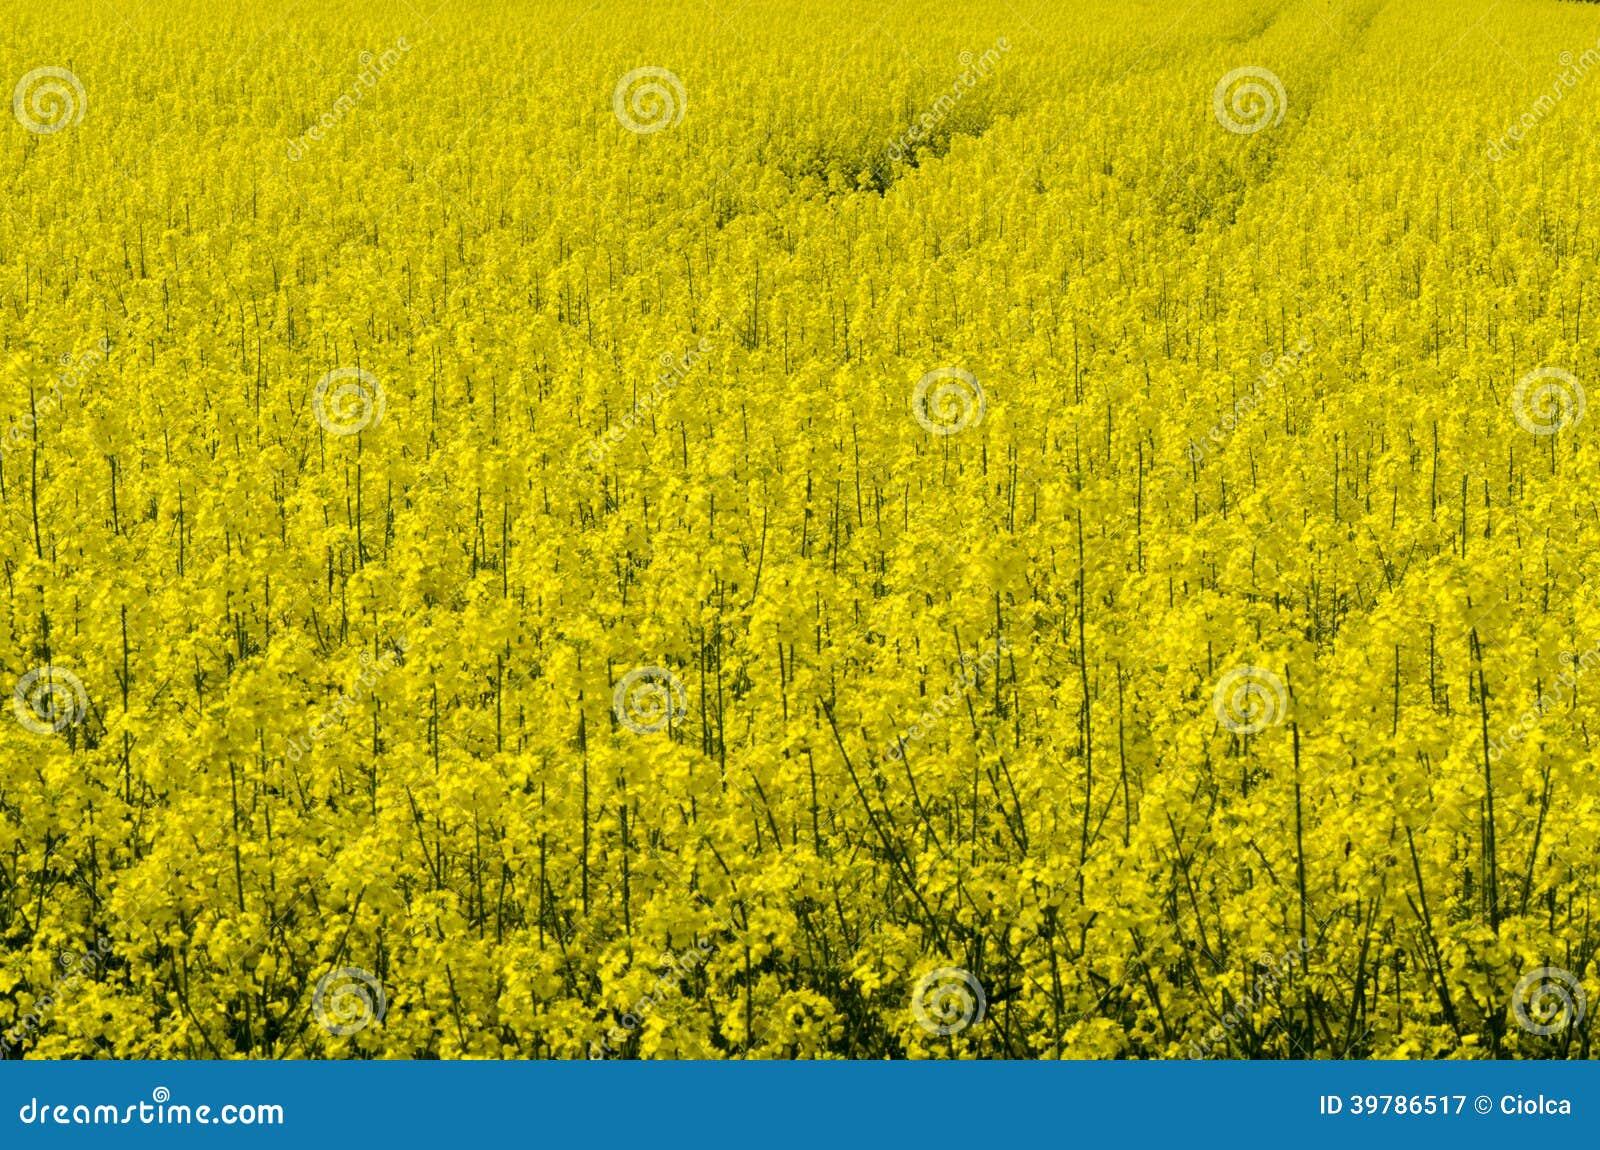 Oil seed field